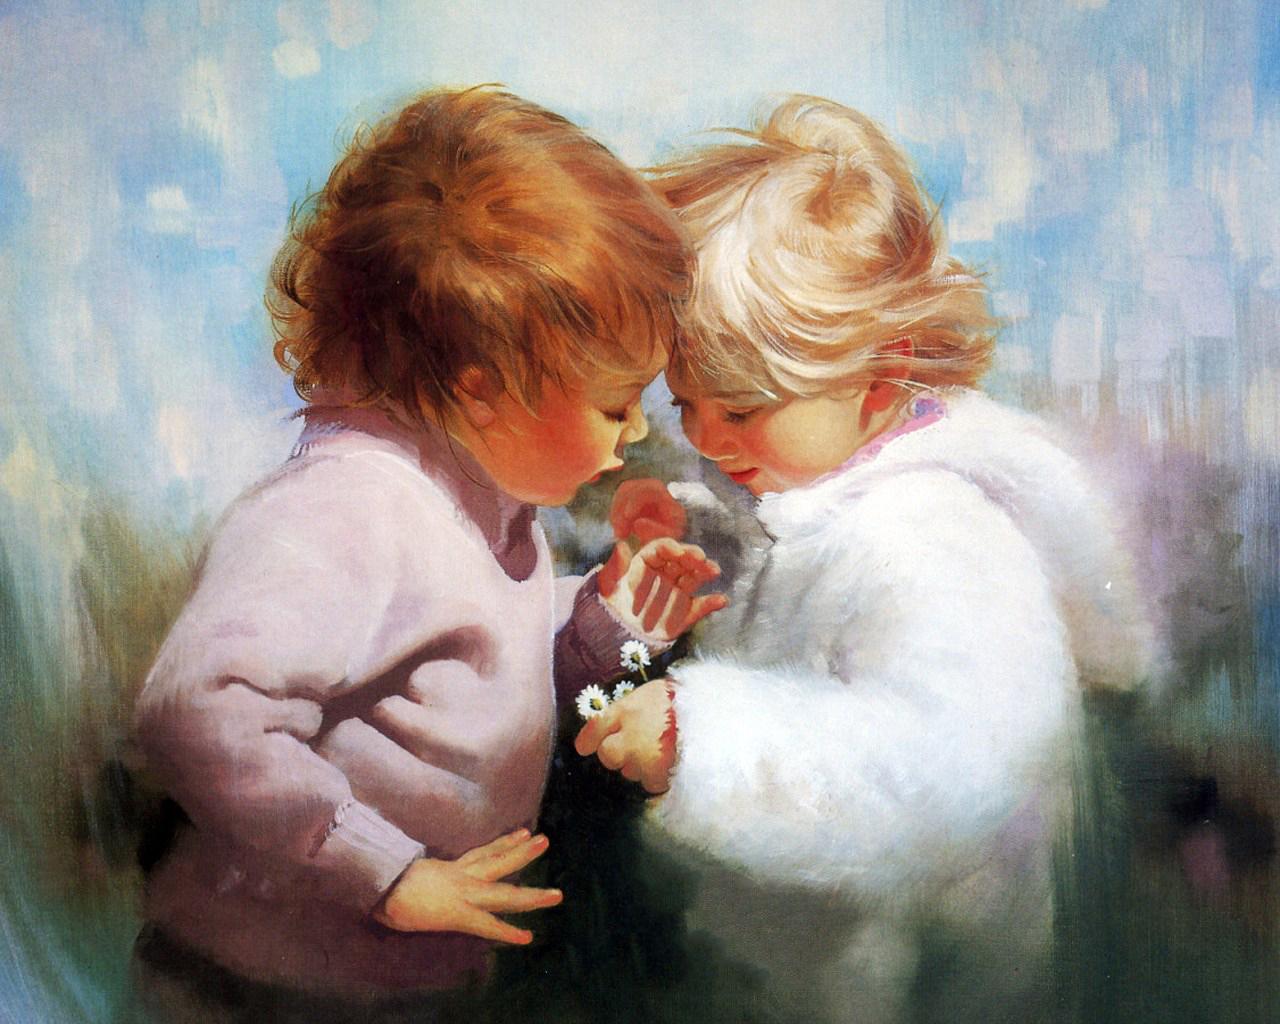 Открытки дарю любовь свою, девочке лет